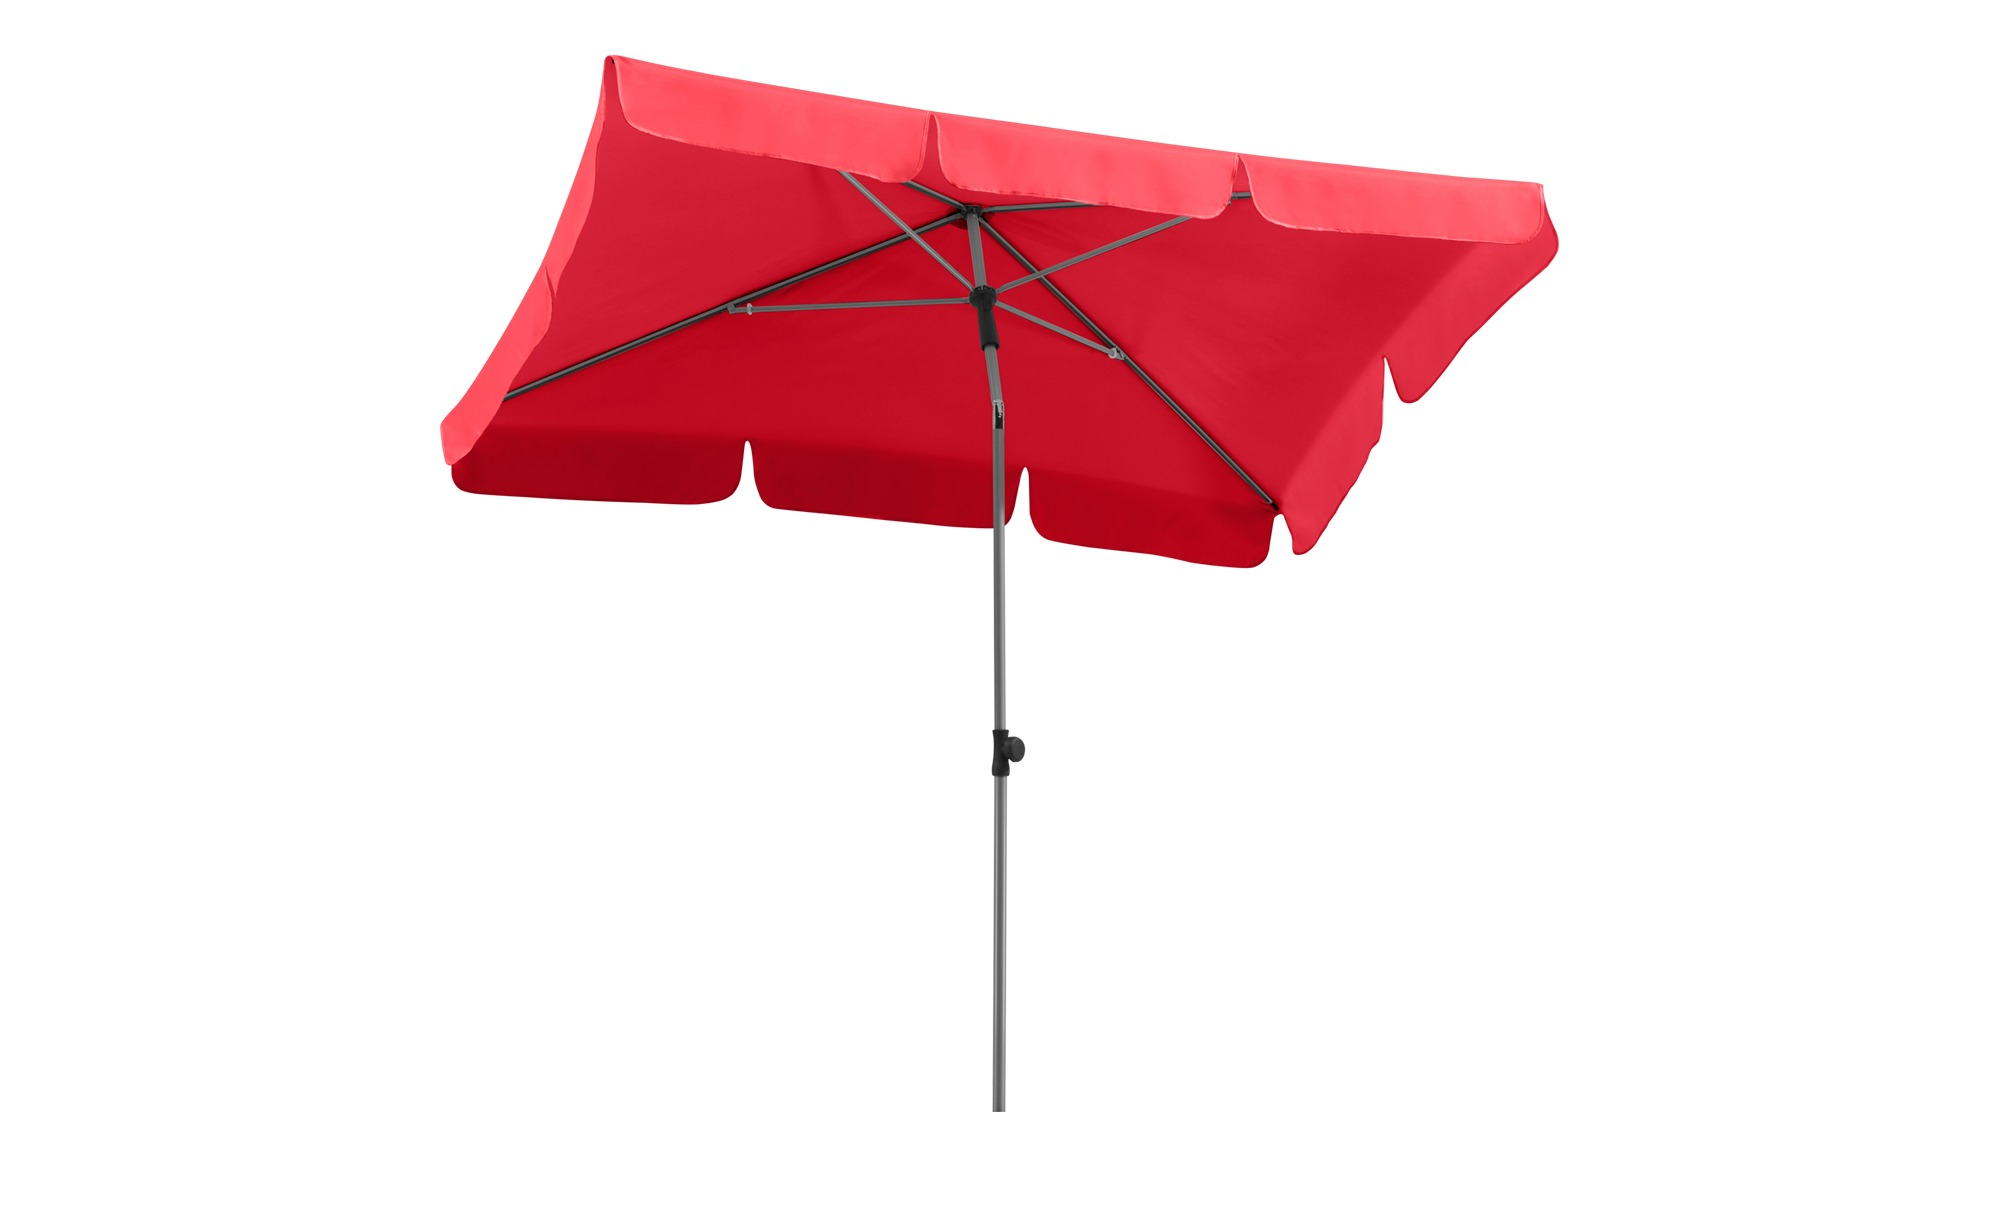 Sonnenschirm - 180 cm - 220 cm - 120 cm - Garten > Sonnenschutz > Sonnenschirme - Möbel Kraft | Garten > Sonnenschirme und Markisen > Sonnenschirme | Möbel Kraft